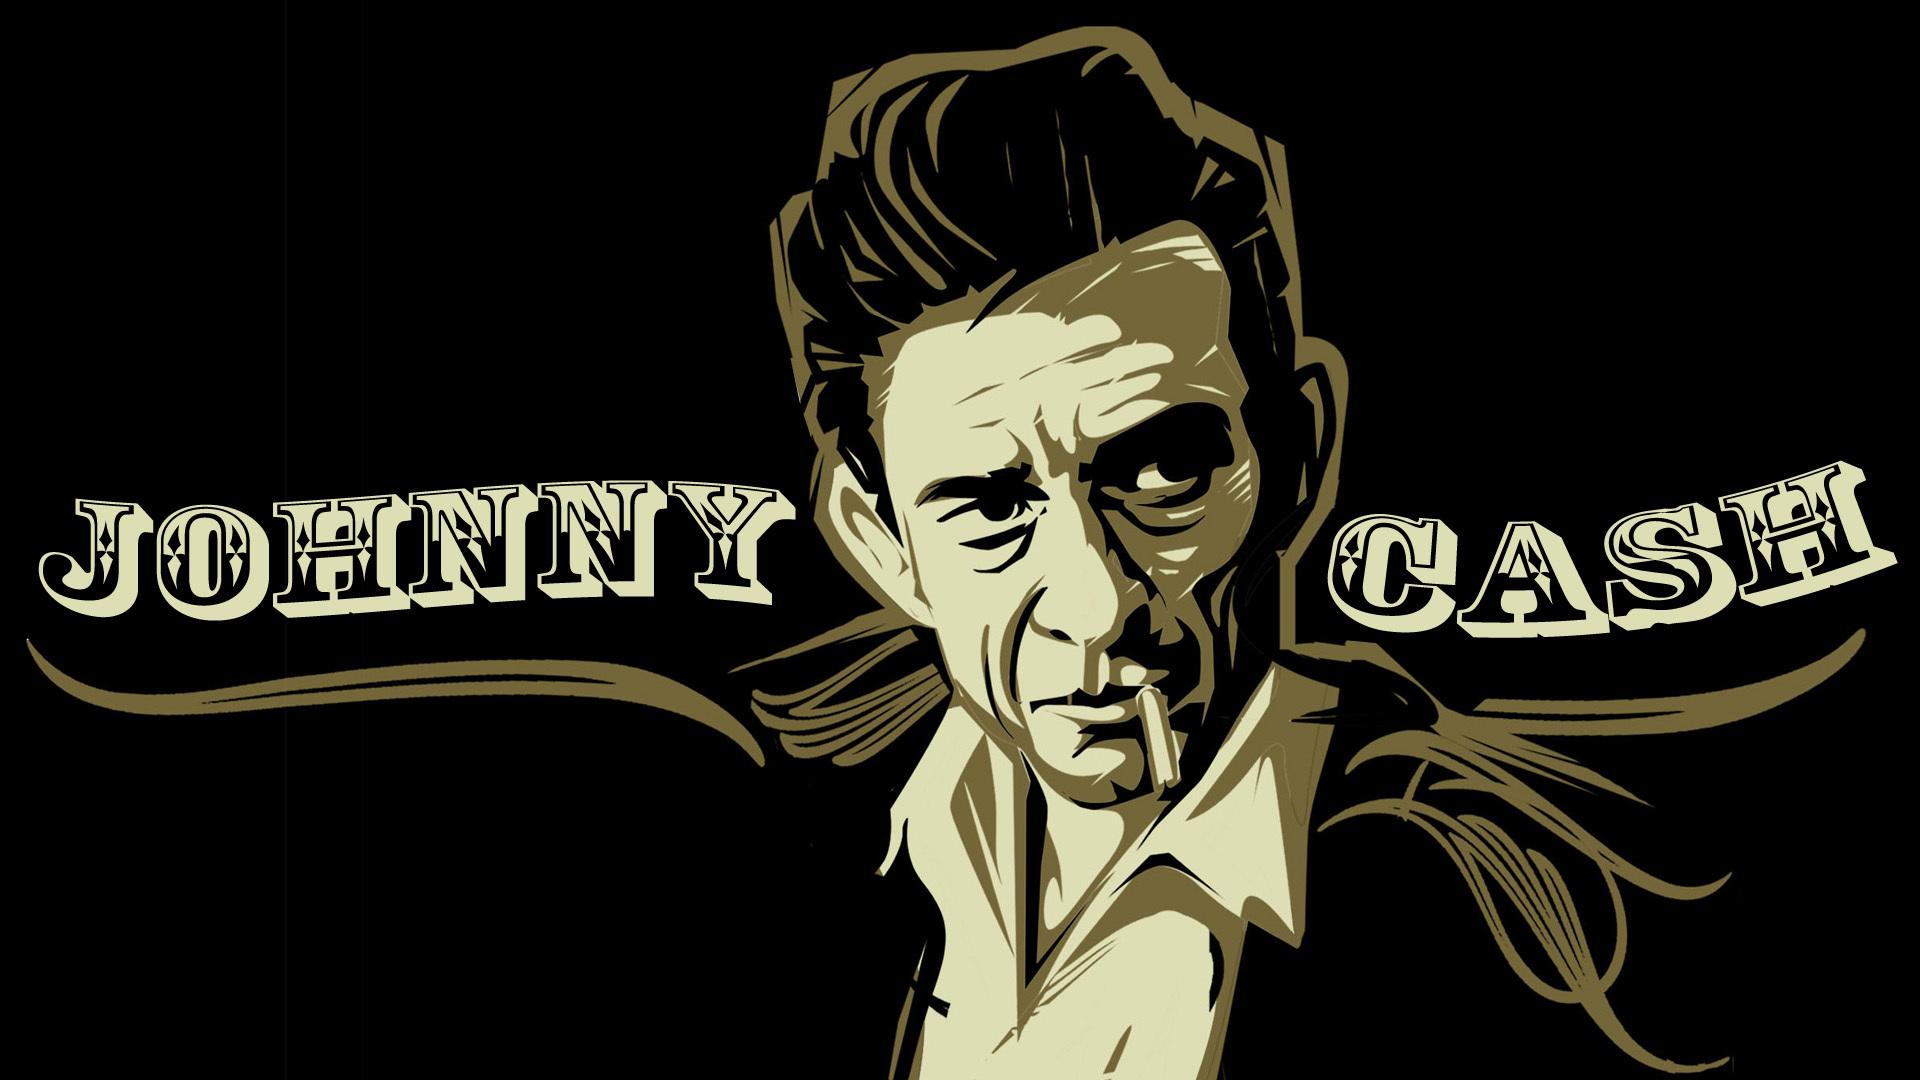 Johnny Cash Computer Wallpaper